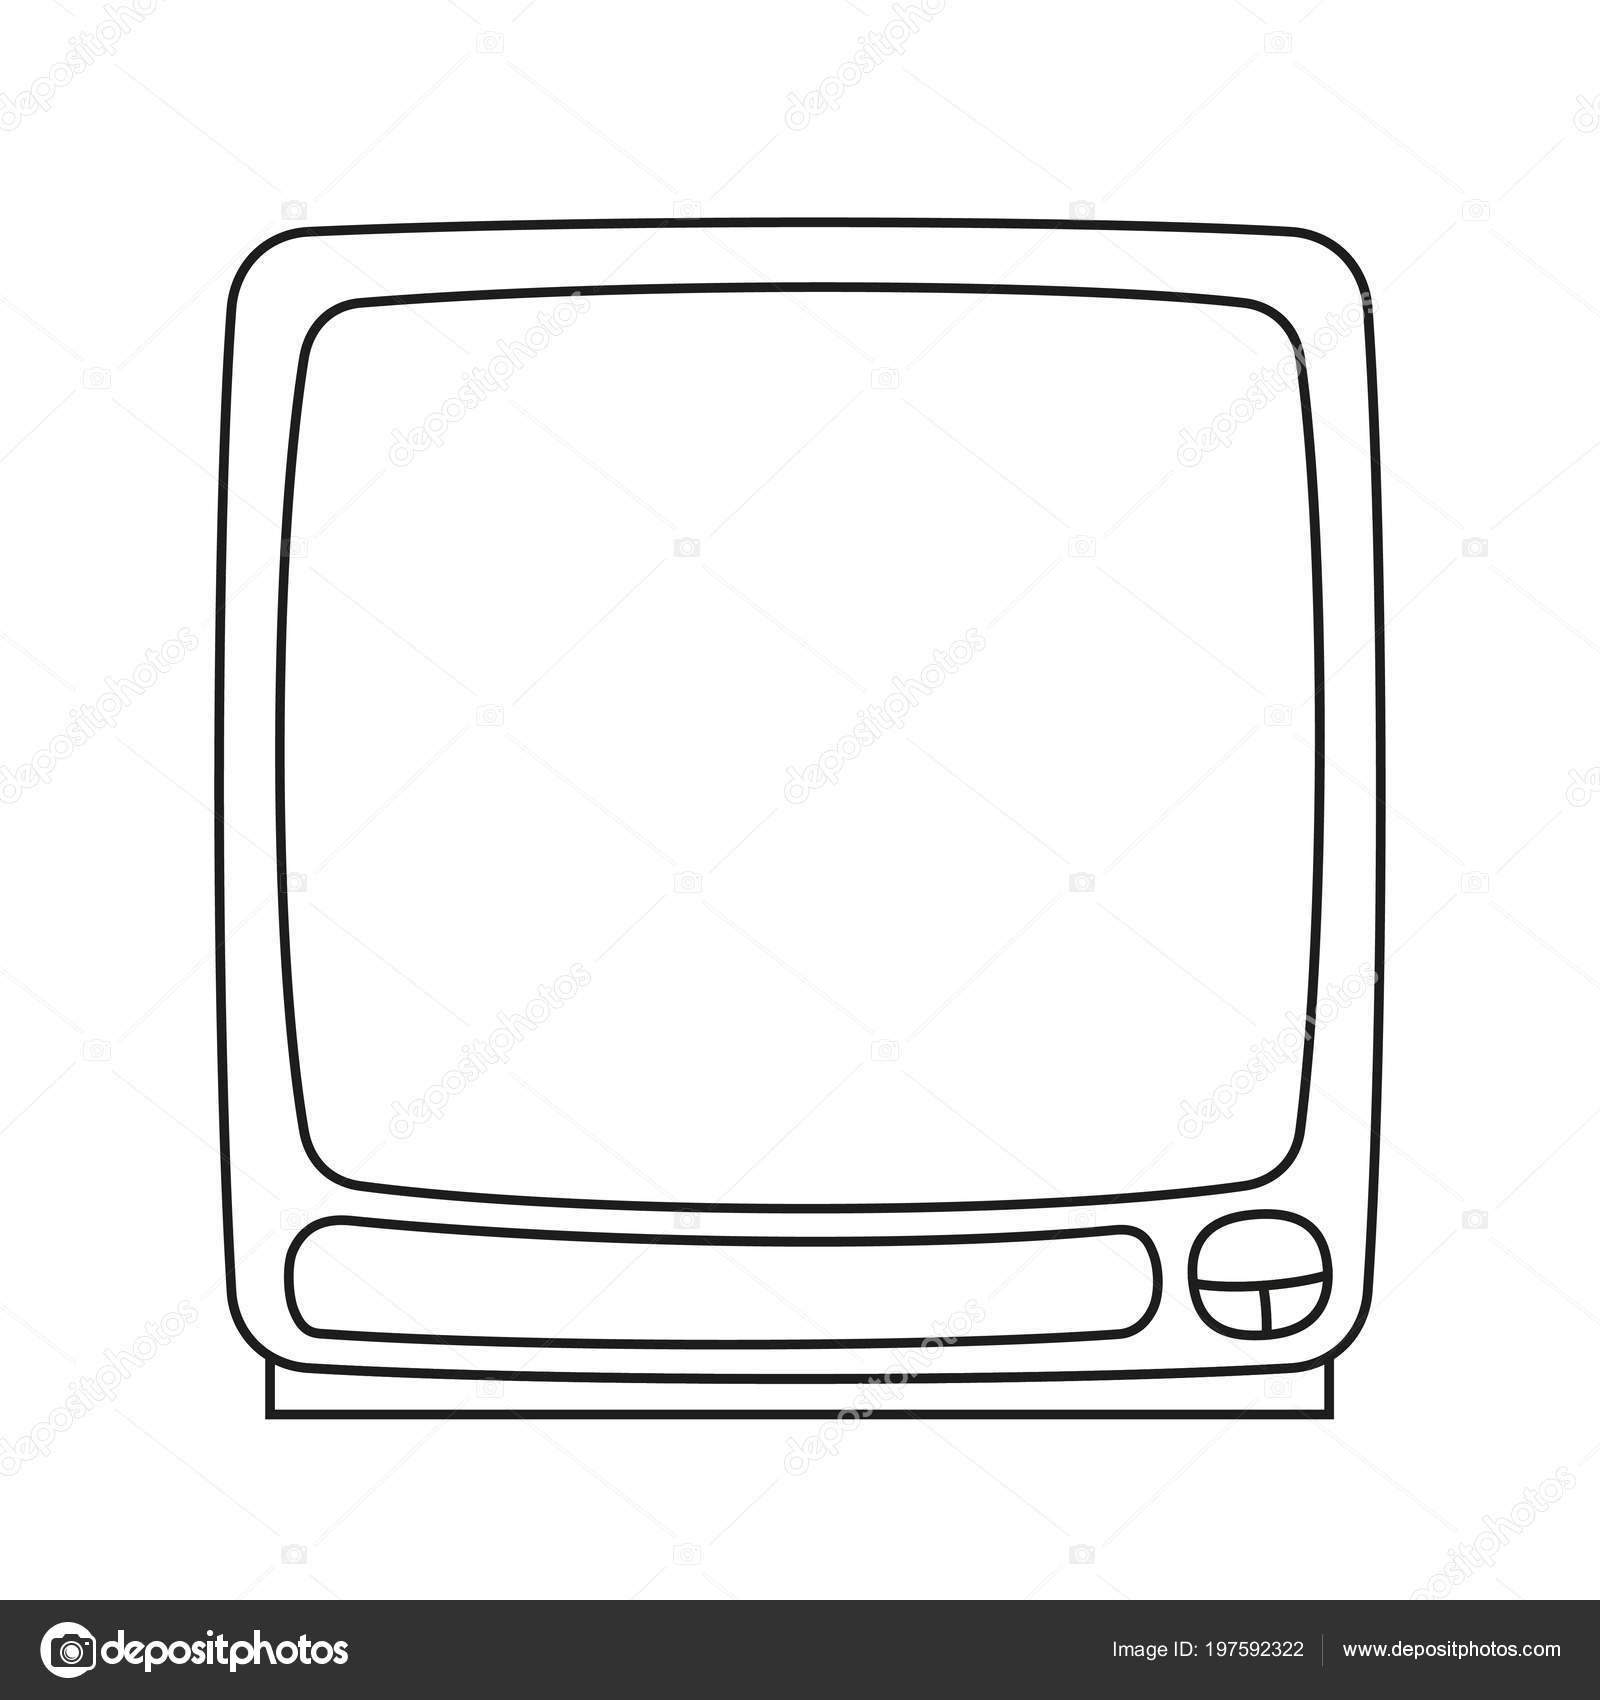 Line Art Siyah Beyaz Eski Televizyon Monitör Yetişkinler çocuklar